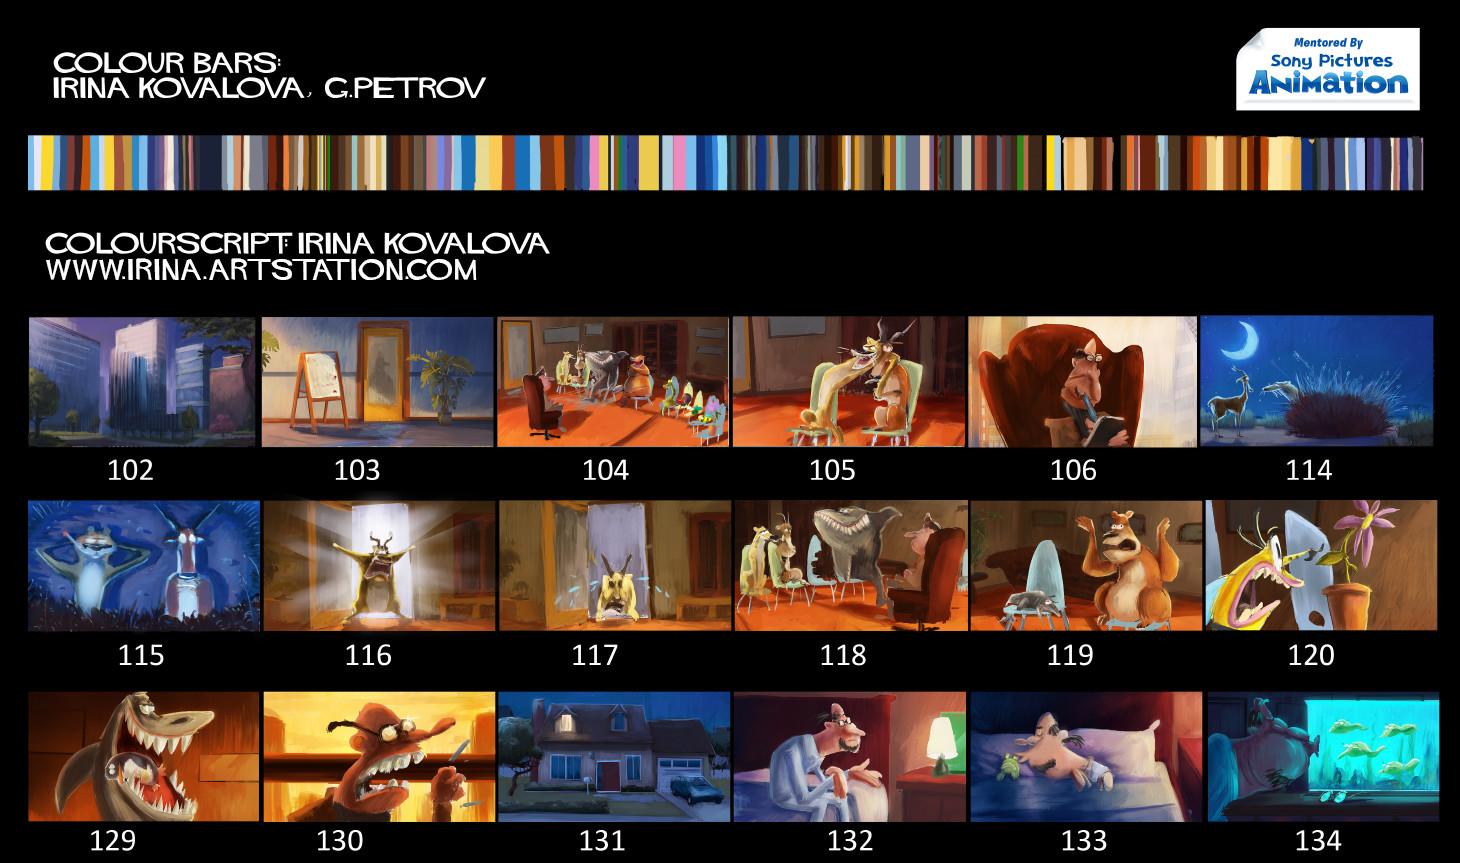 Irina kovalova epl colourscript 002 v2 irina kovalova